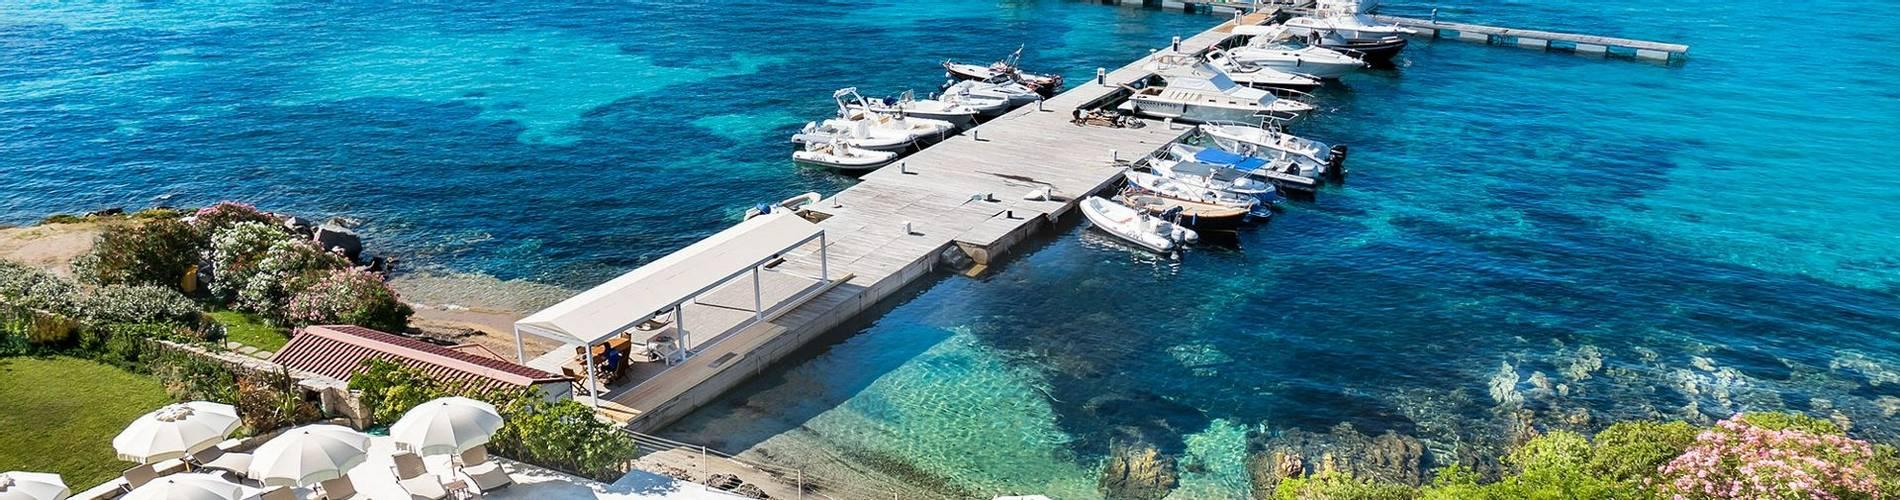 5 Pool-Terrace---Gabbiano-Azzurro-Sardegna.jpg